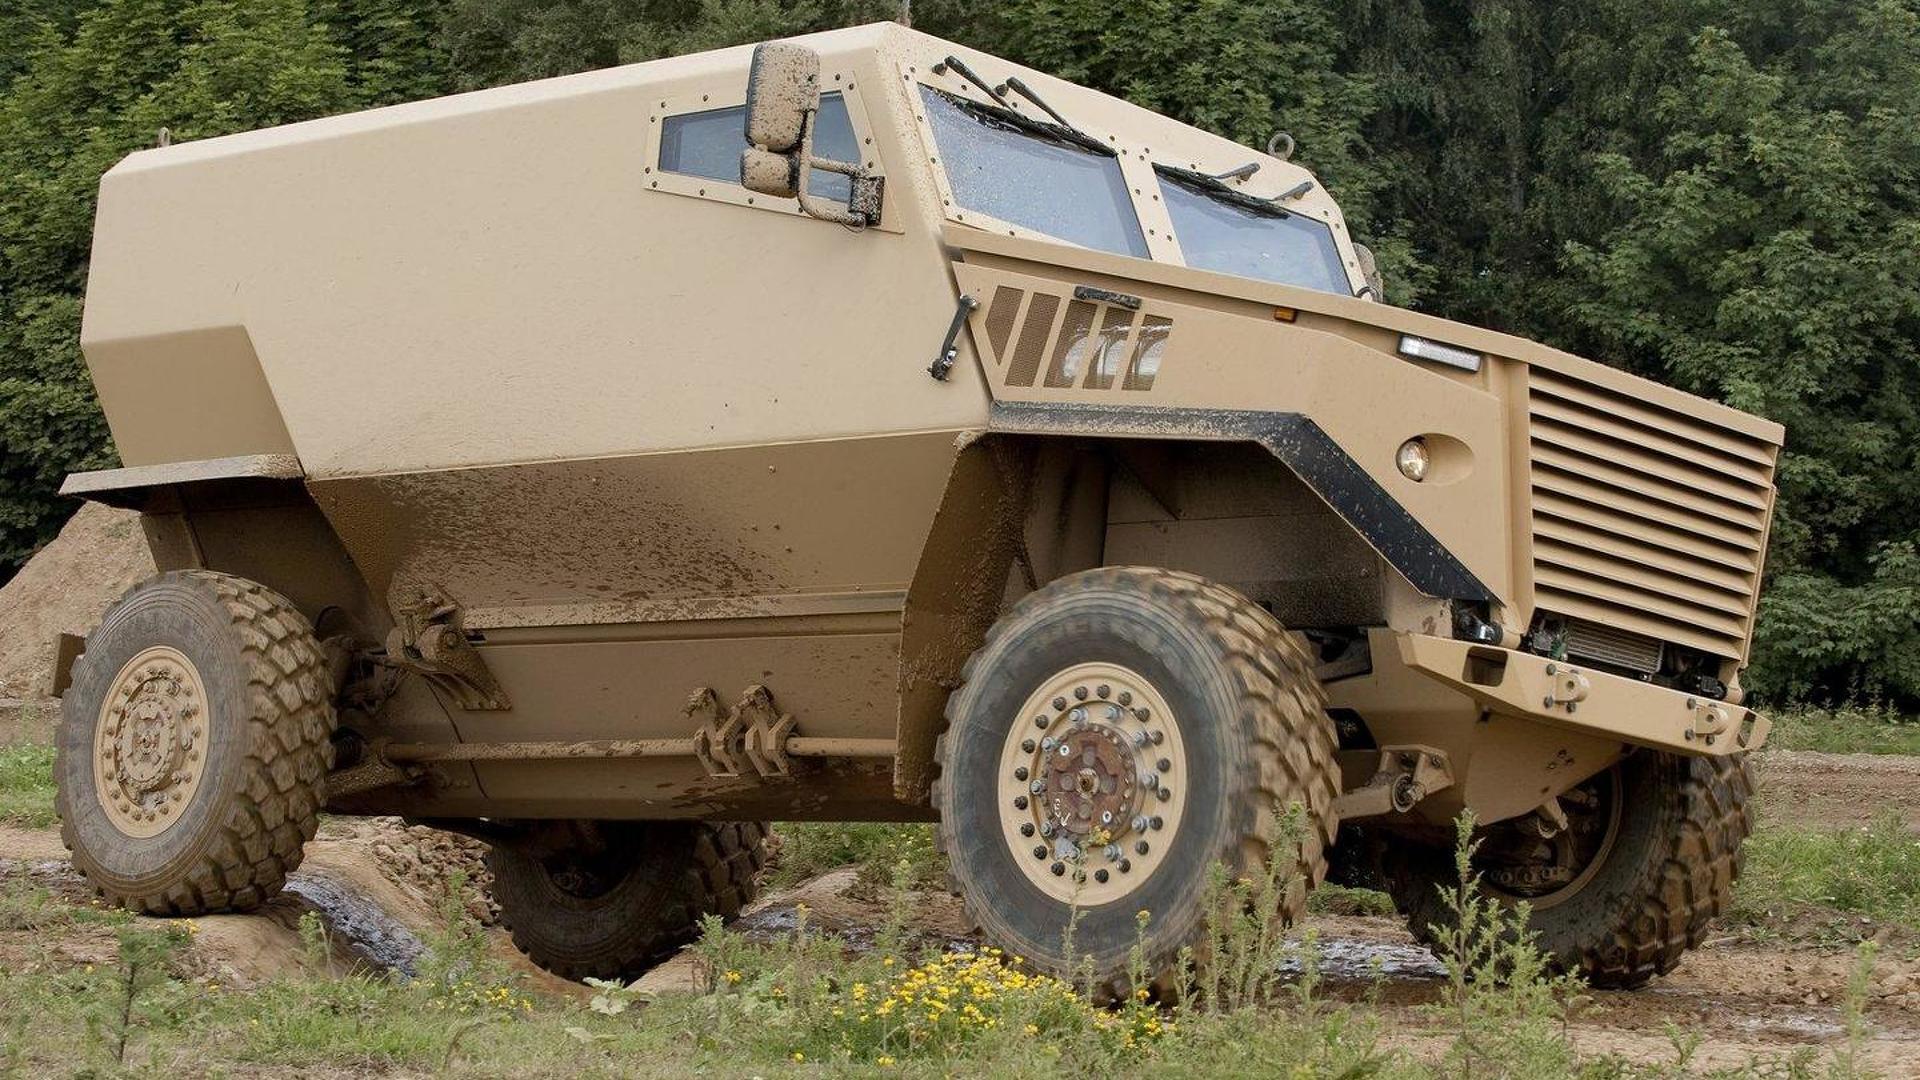 McLaren ayudó a diseñar el vehículo blindado British Foxhound-blindajes nacionales